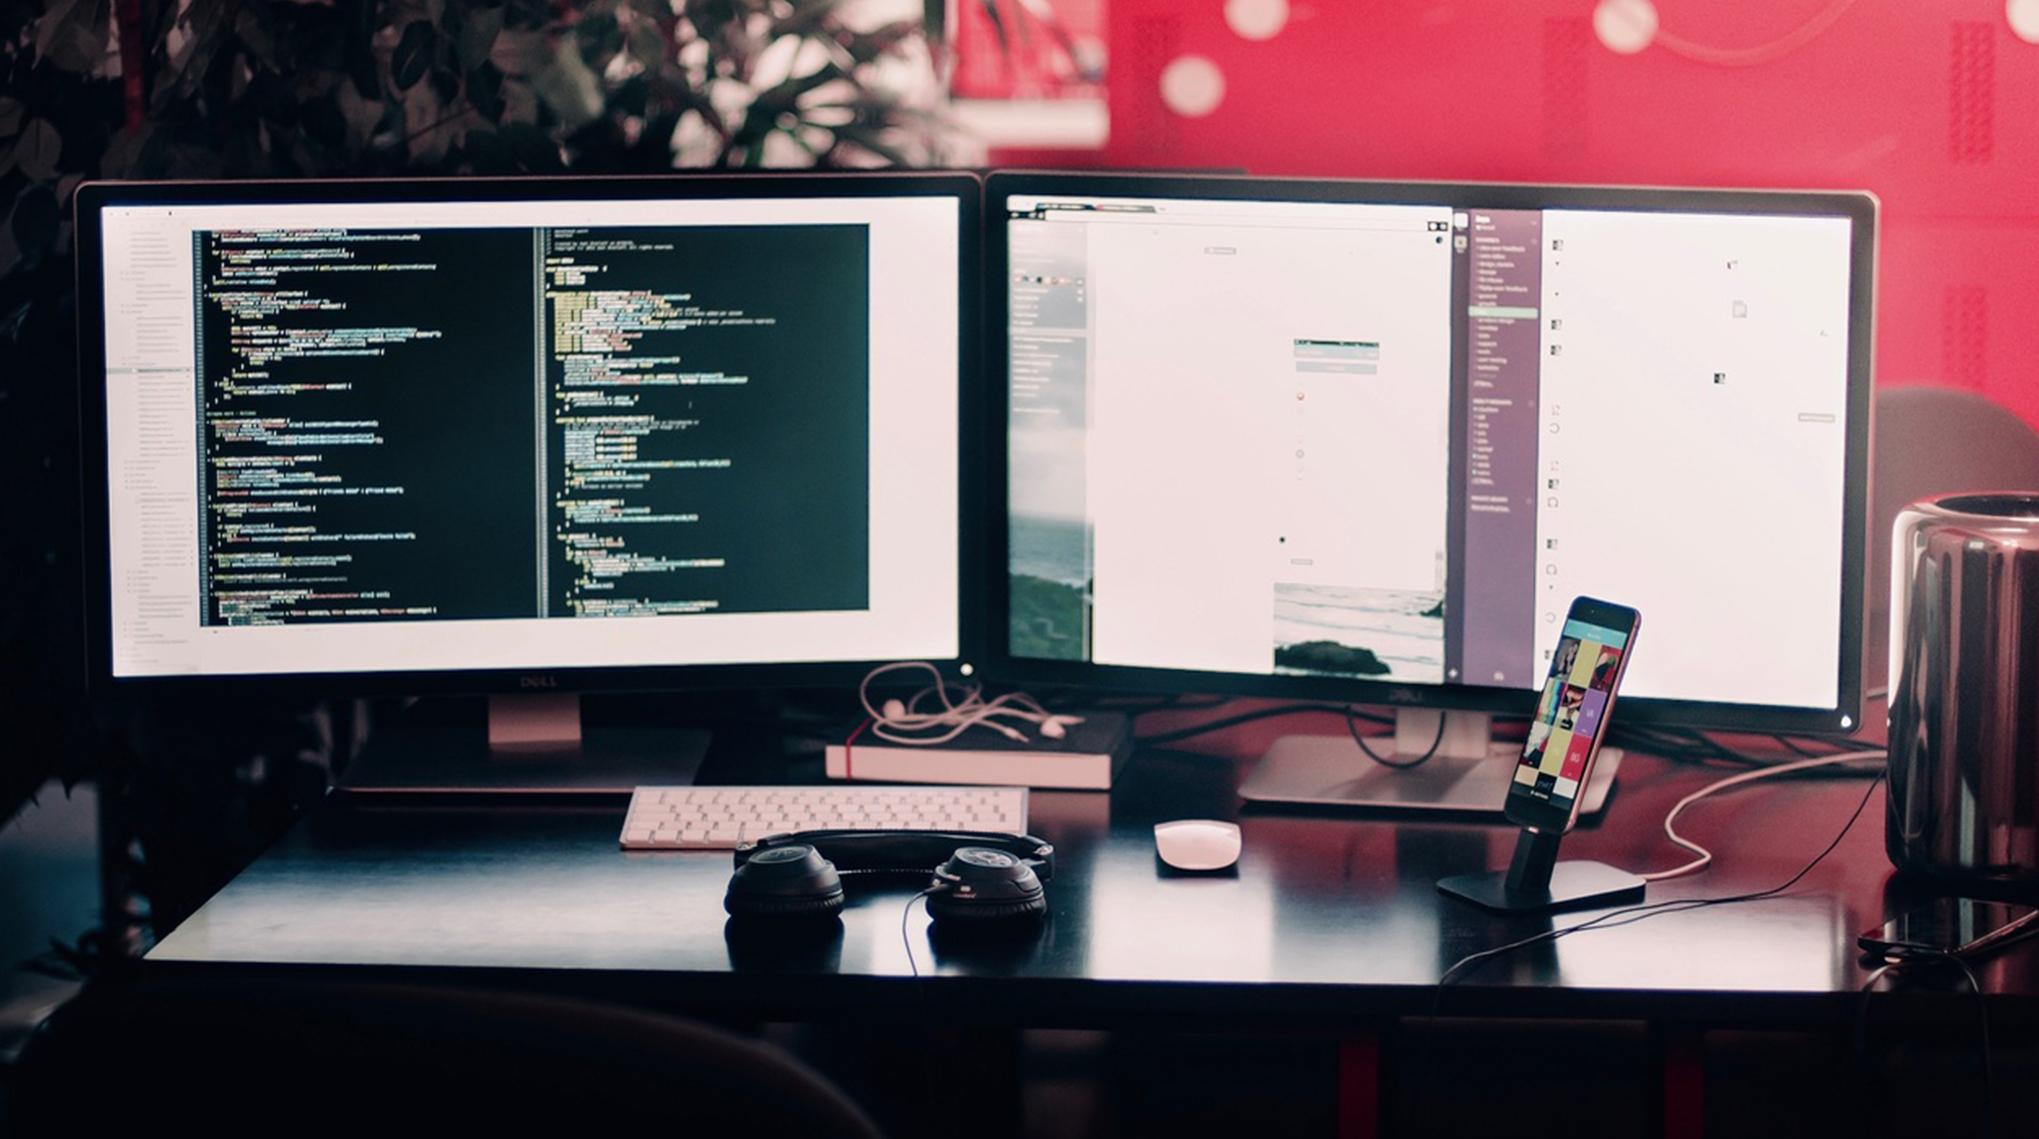 Clac des Doigts recrute un(e) stagiaire développeur(se) Full-Stack